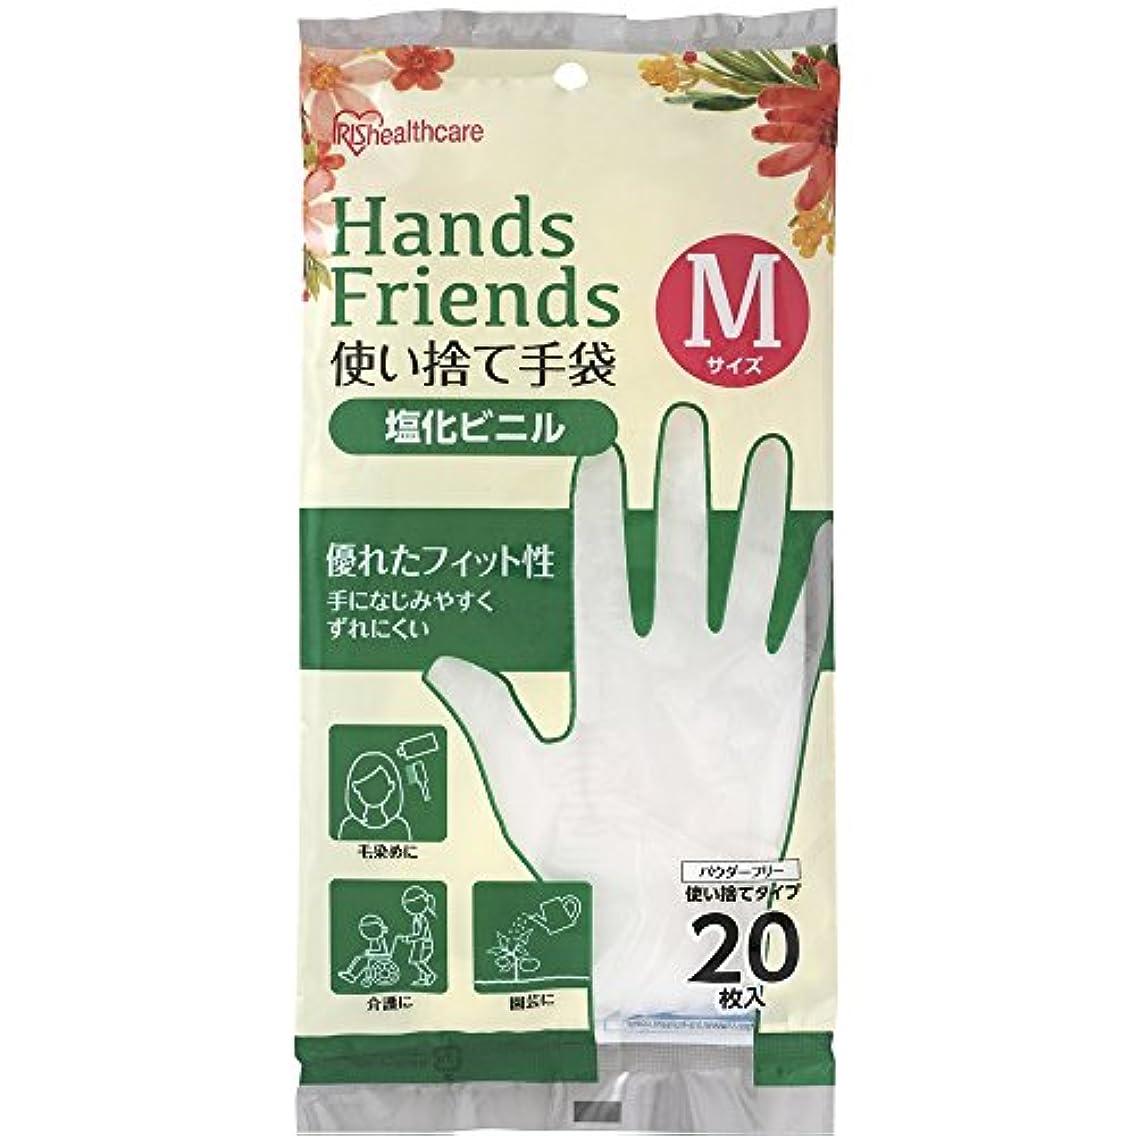 クリーク行くファンド使い捨て手袋 クリア 塩化ビニル 20枚 Mサイズ PVC-20M